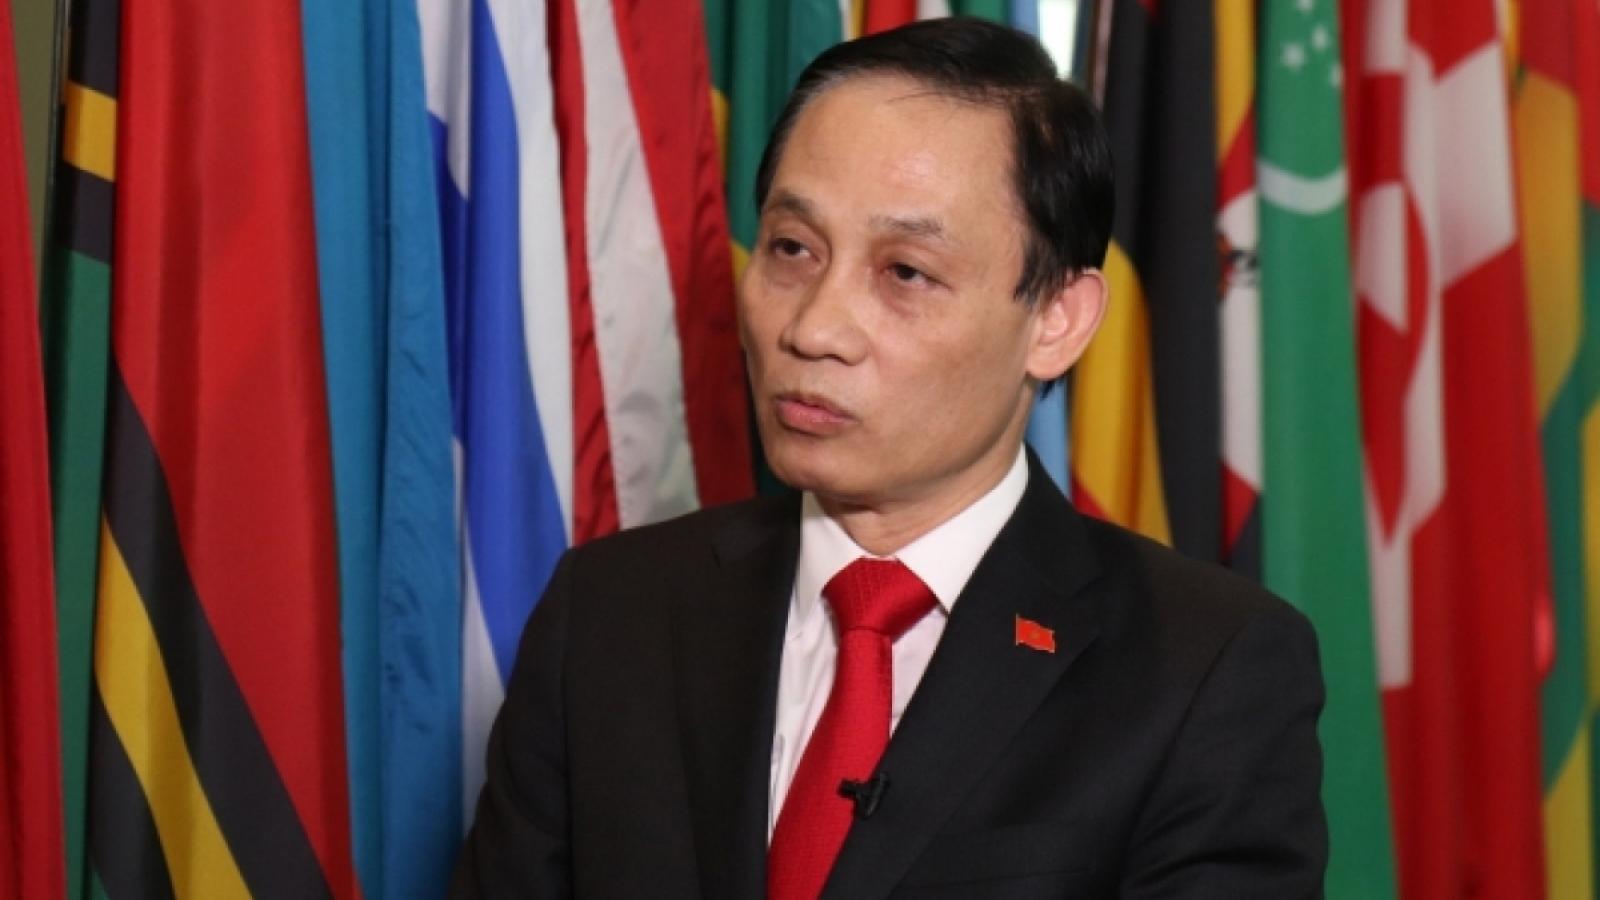 Thông báo kết quả Đại hội lần thứ XIII của Đảng ta tới Đảng nhân dân Campuchia